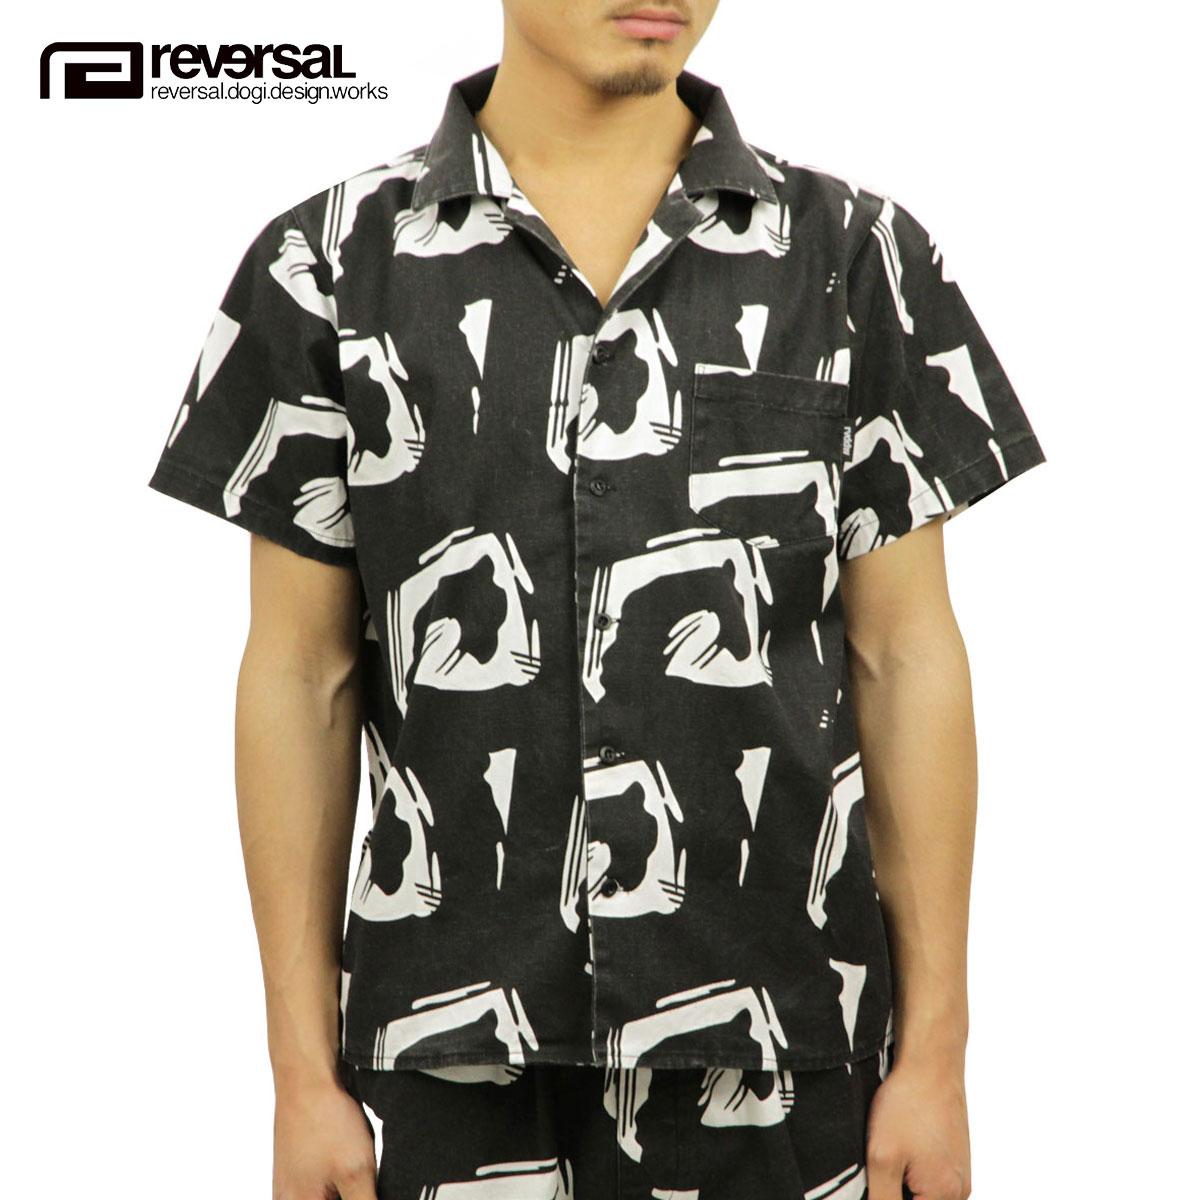 リバーサル REVERSAL 正規販売店 メンズ 半袖 アロハシャツ EDO BIG MARK SHIRTS rv18ss033 BLACK